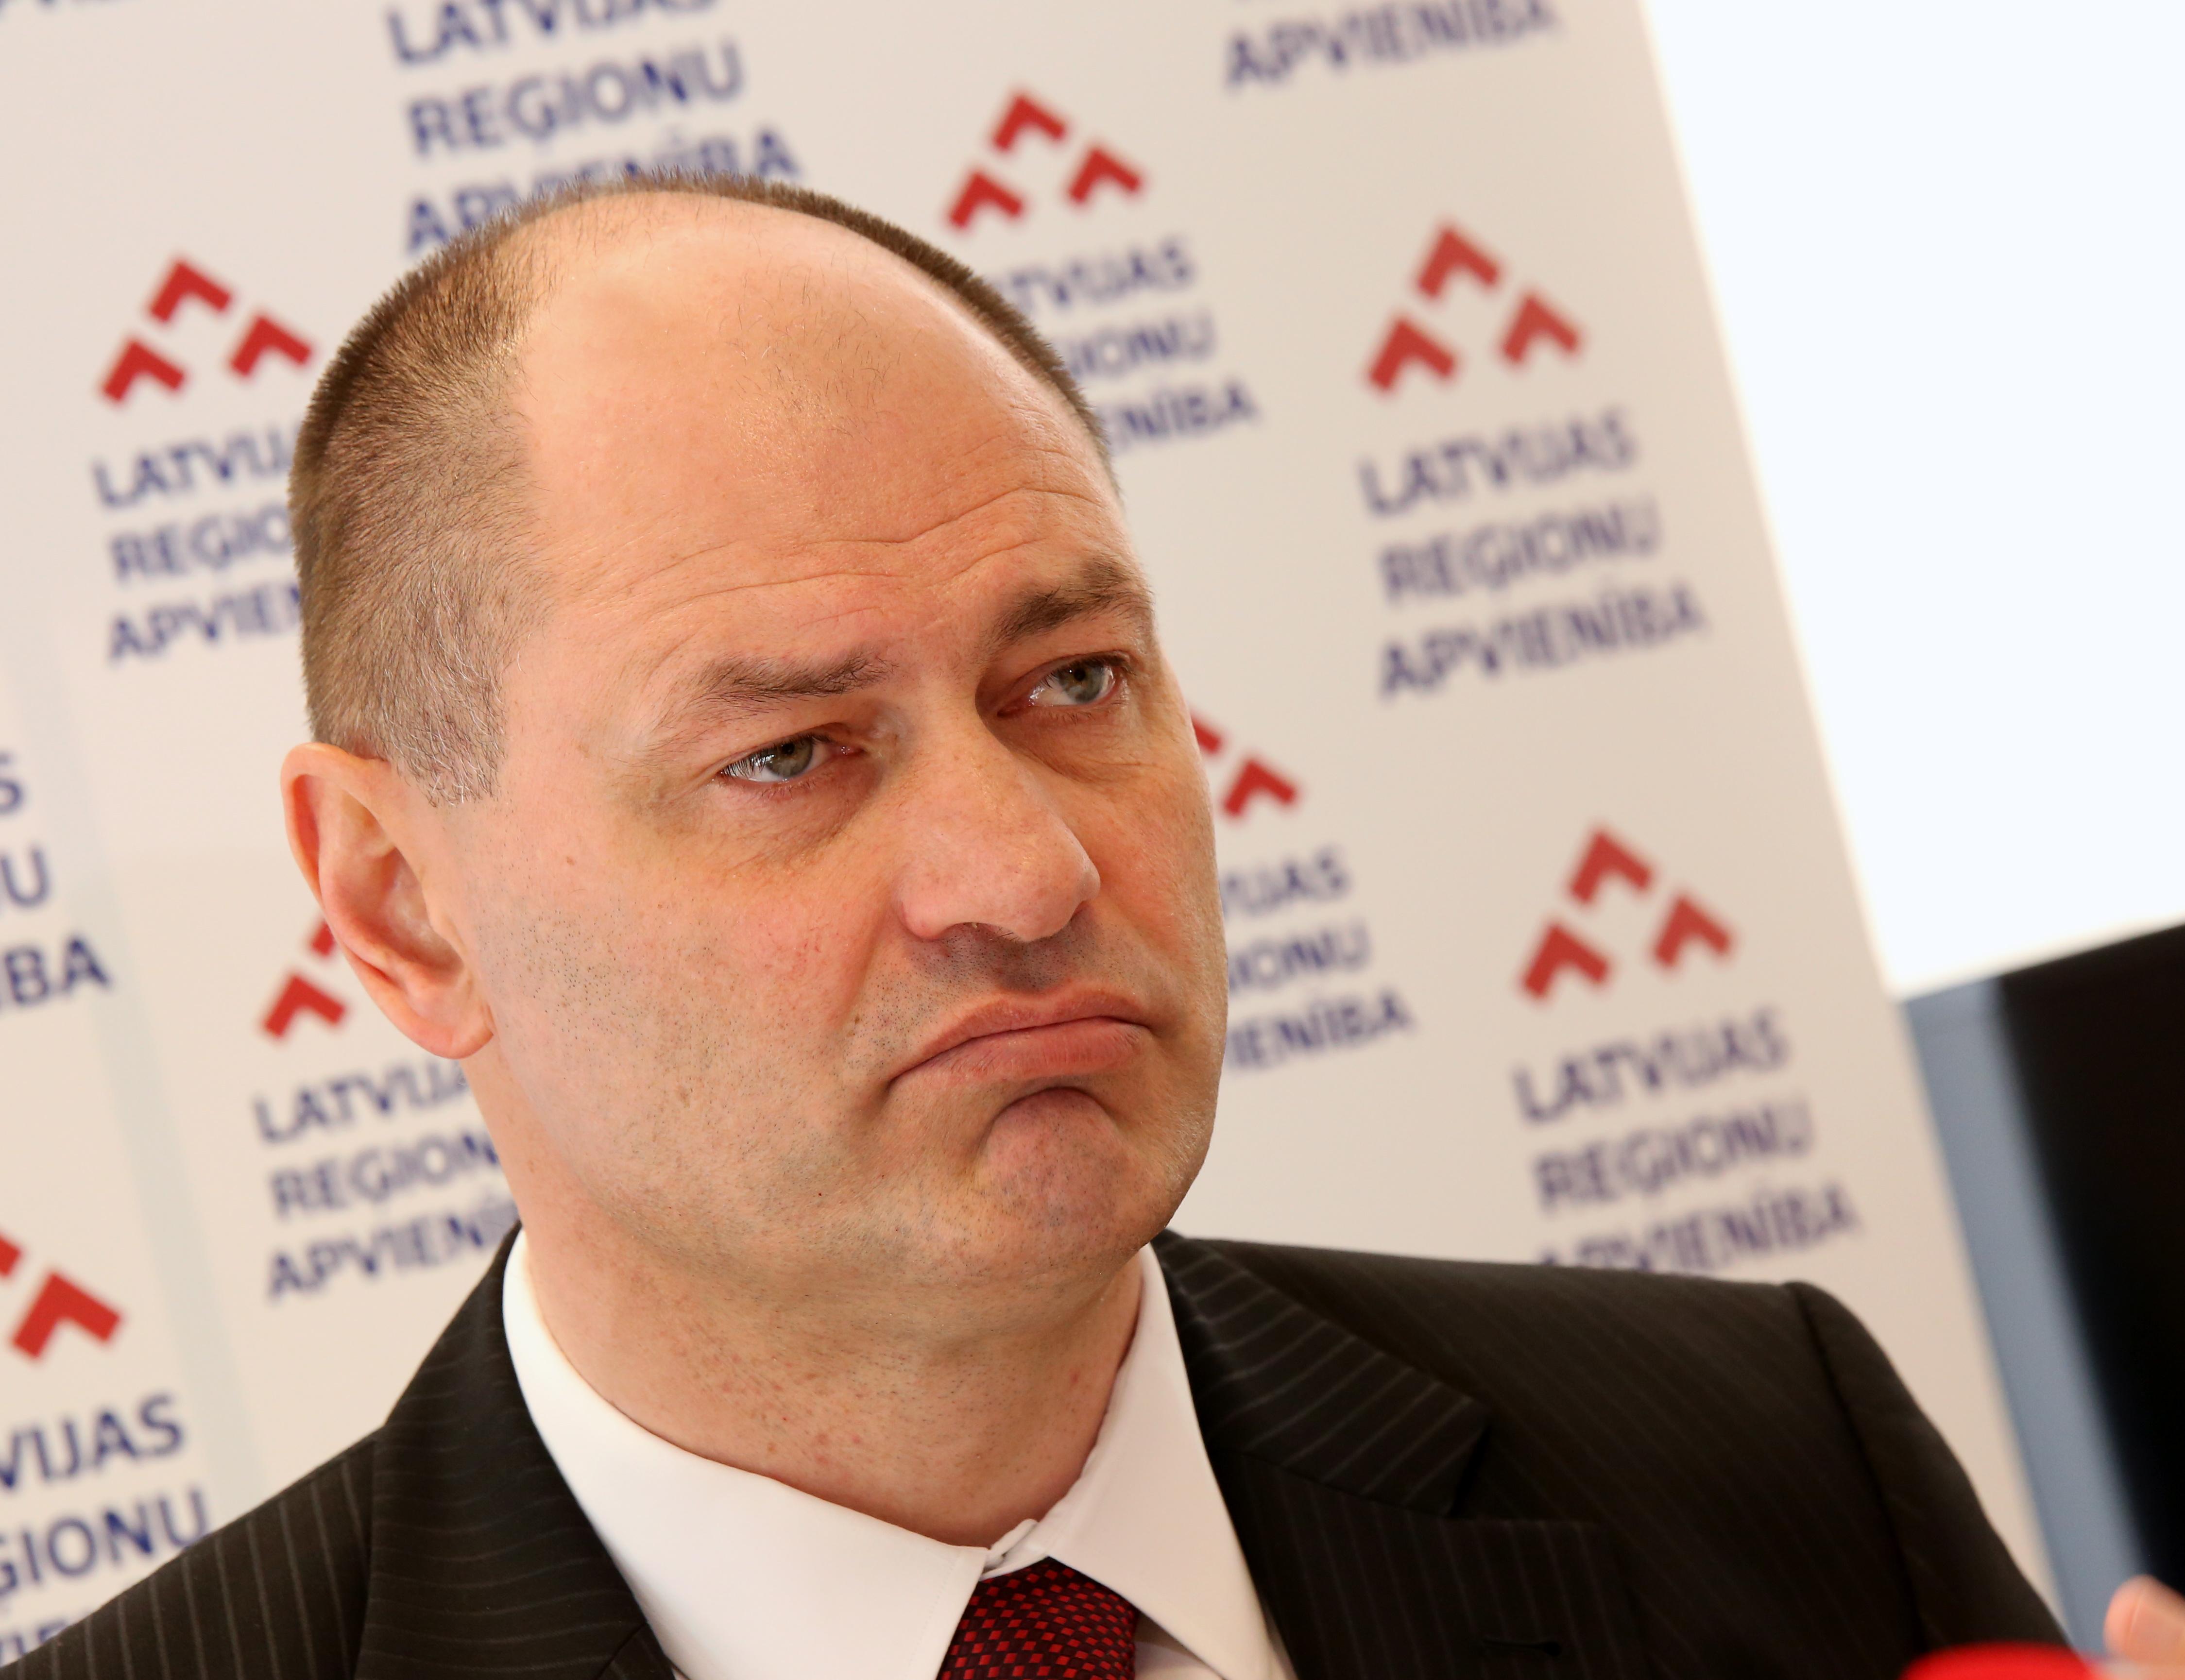 Dainis Liepiņš